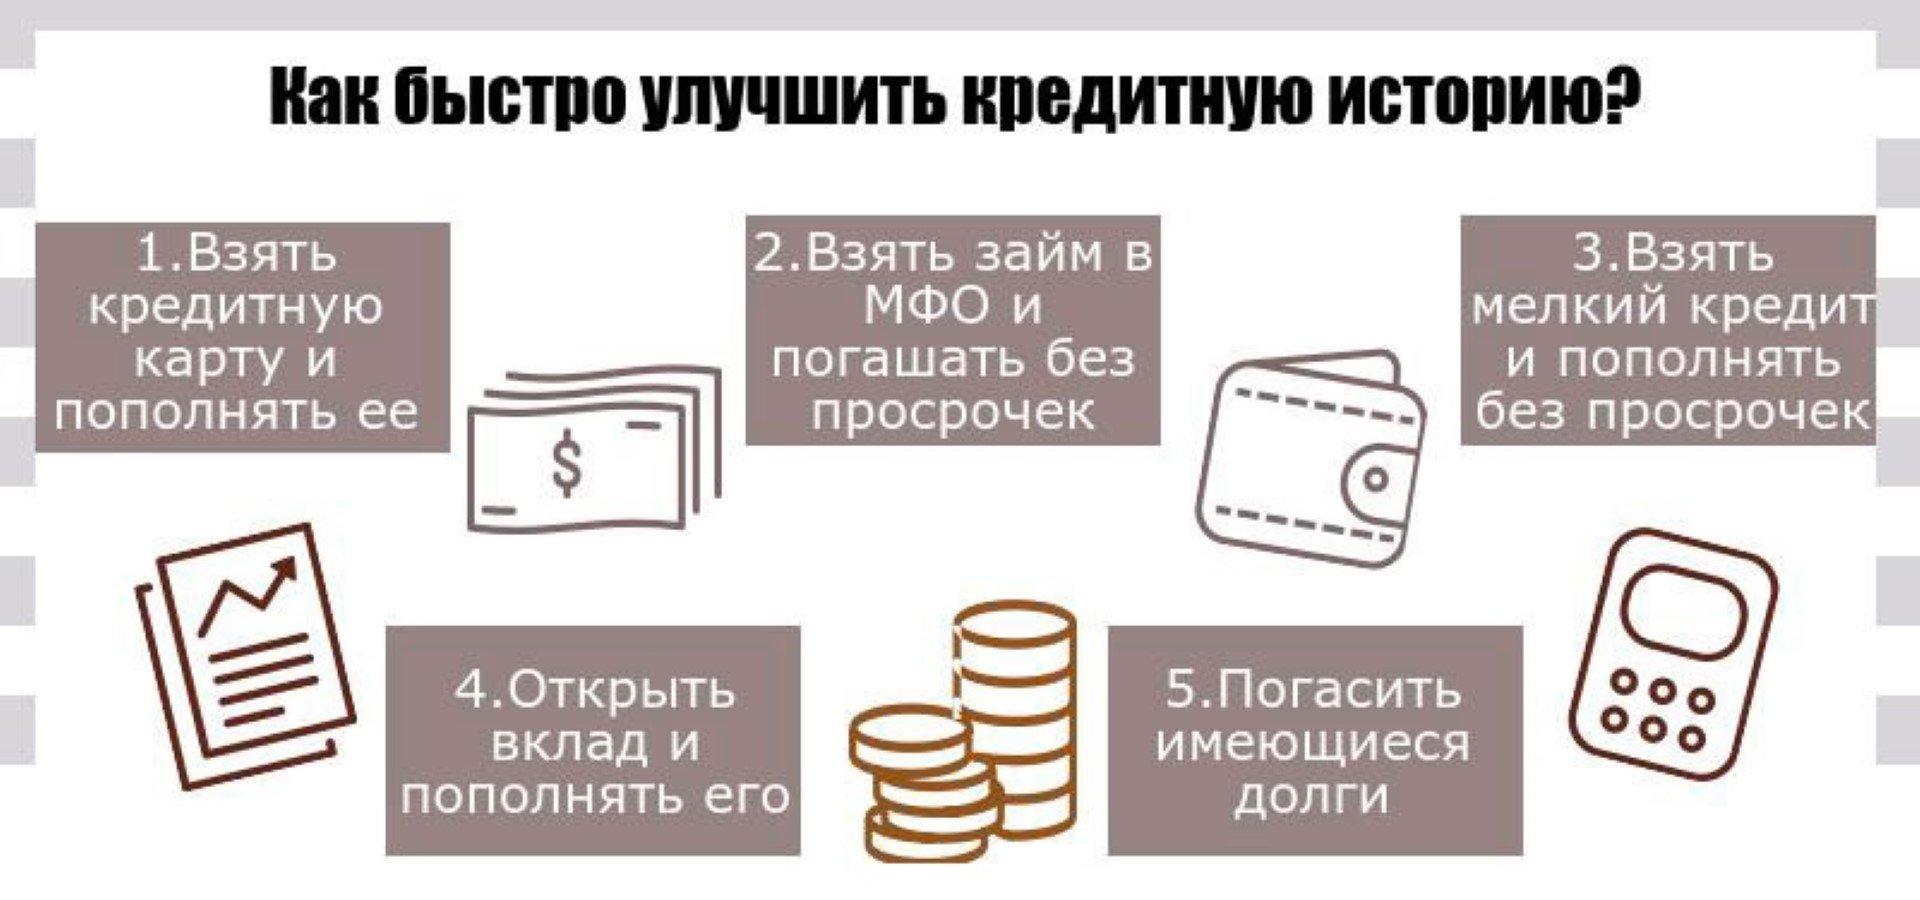 Улучшения кредитной истории